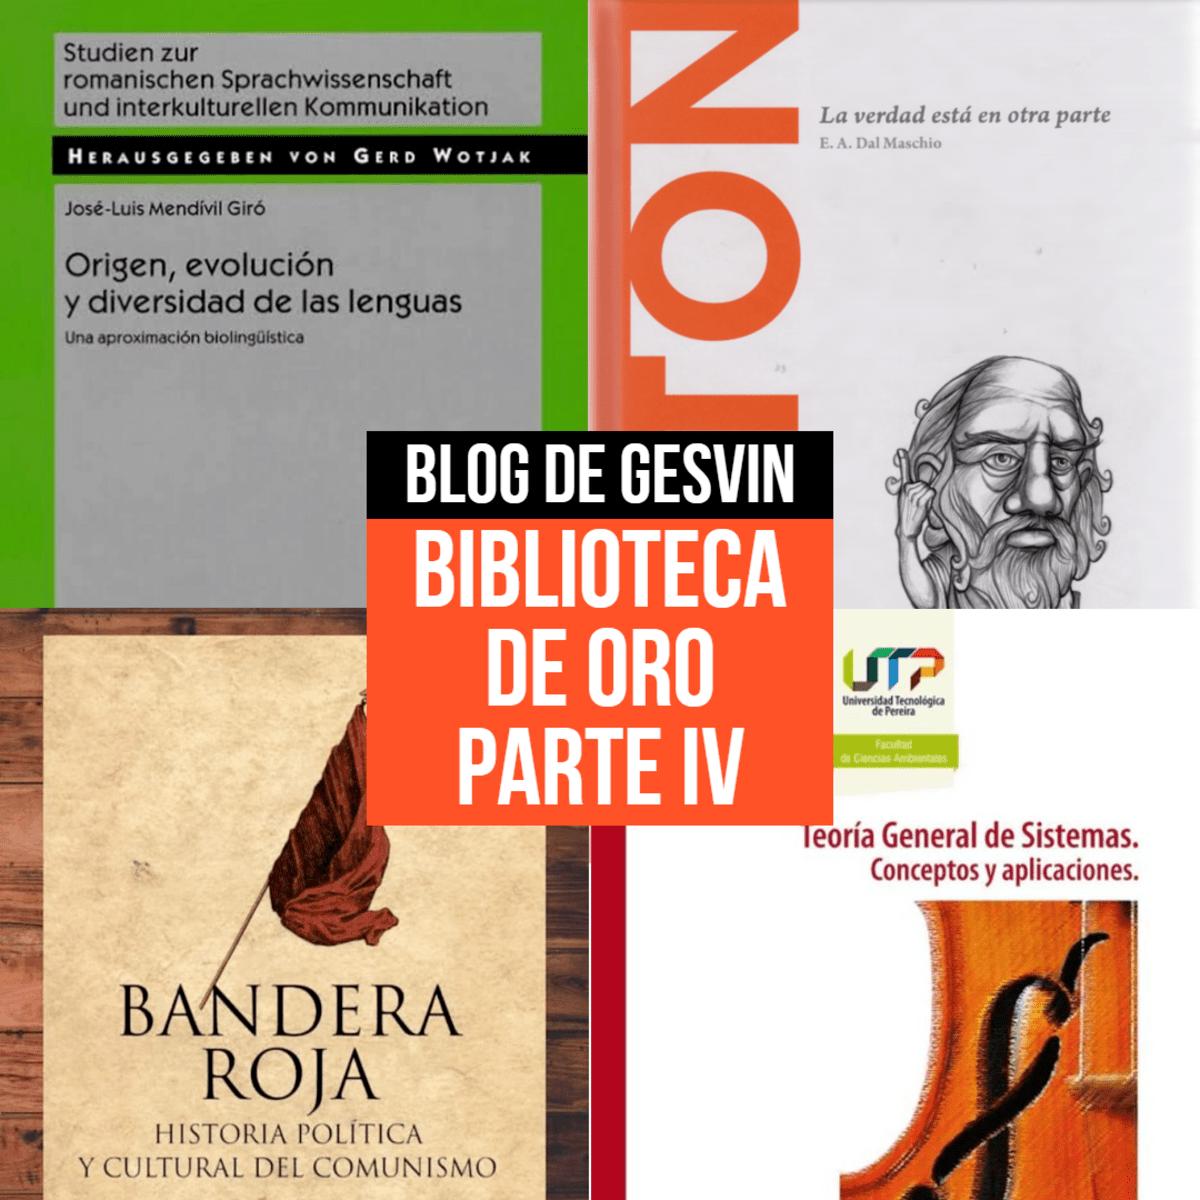 Biblioteca de Oro - Parte IV.